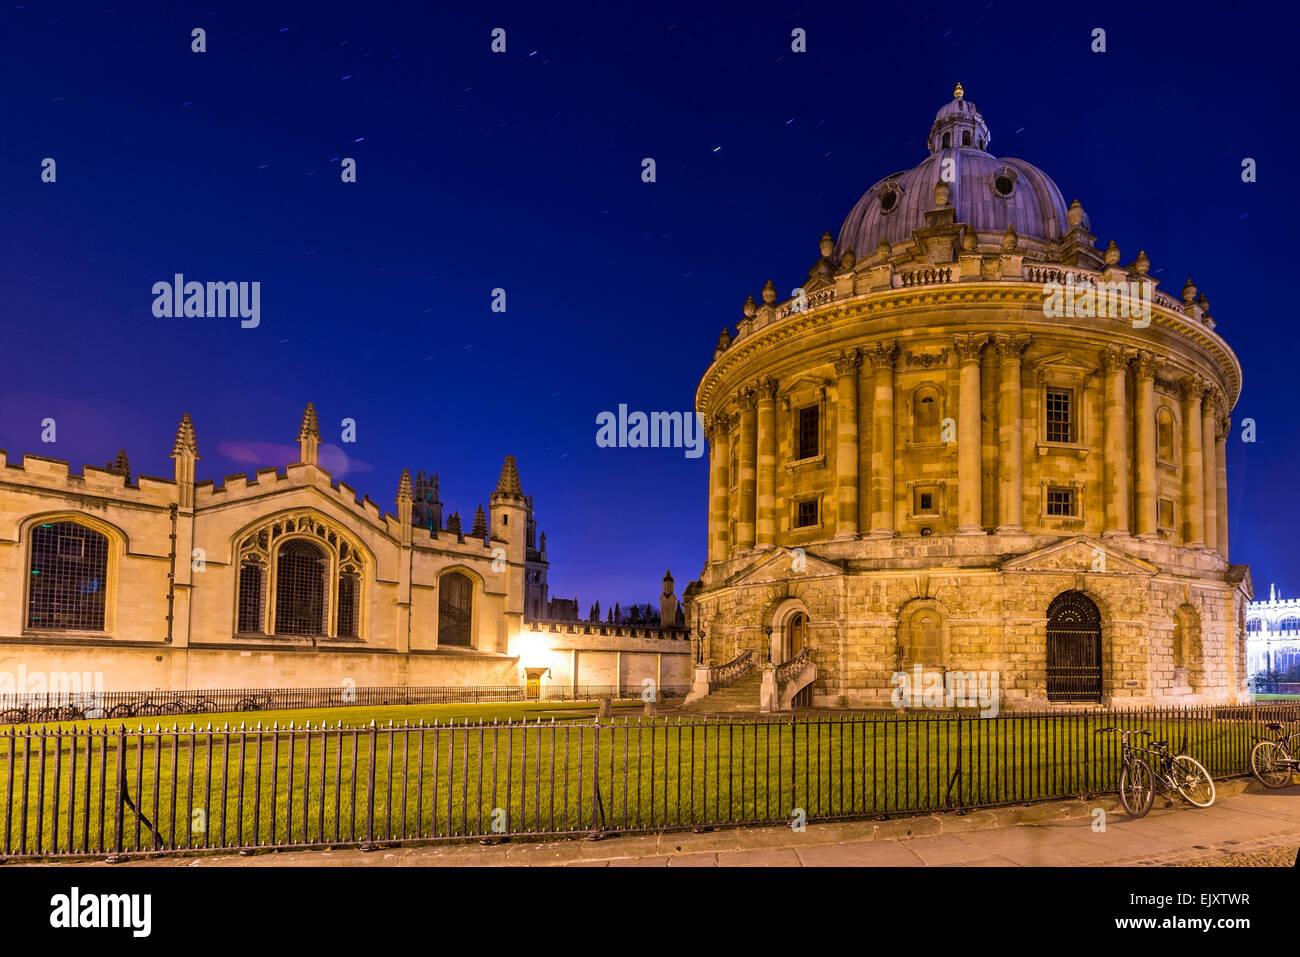 La Radcliffe Camera è una sala di lettura della biblioteca Bodleian, Oxford University. Visto qui di notte Immagini Stock